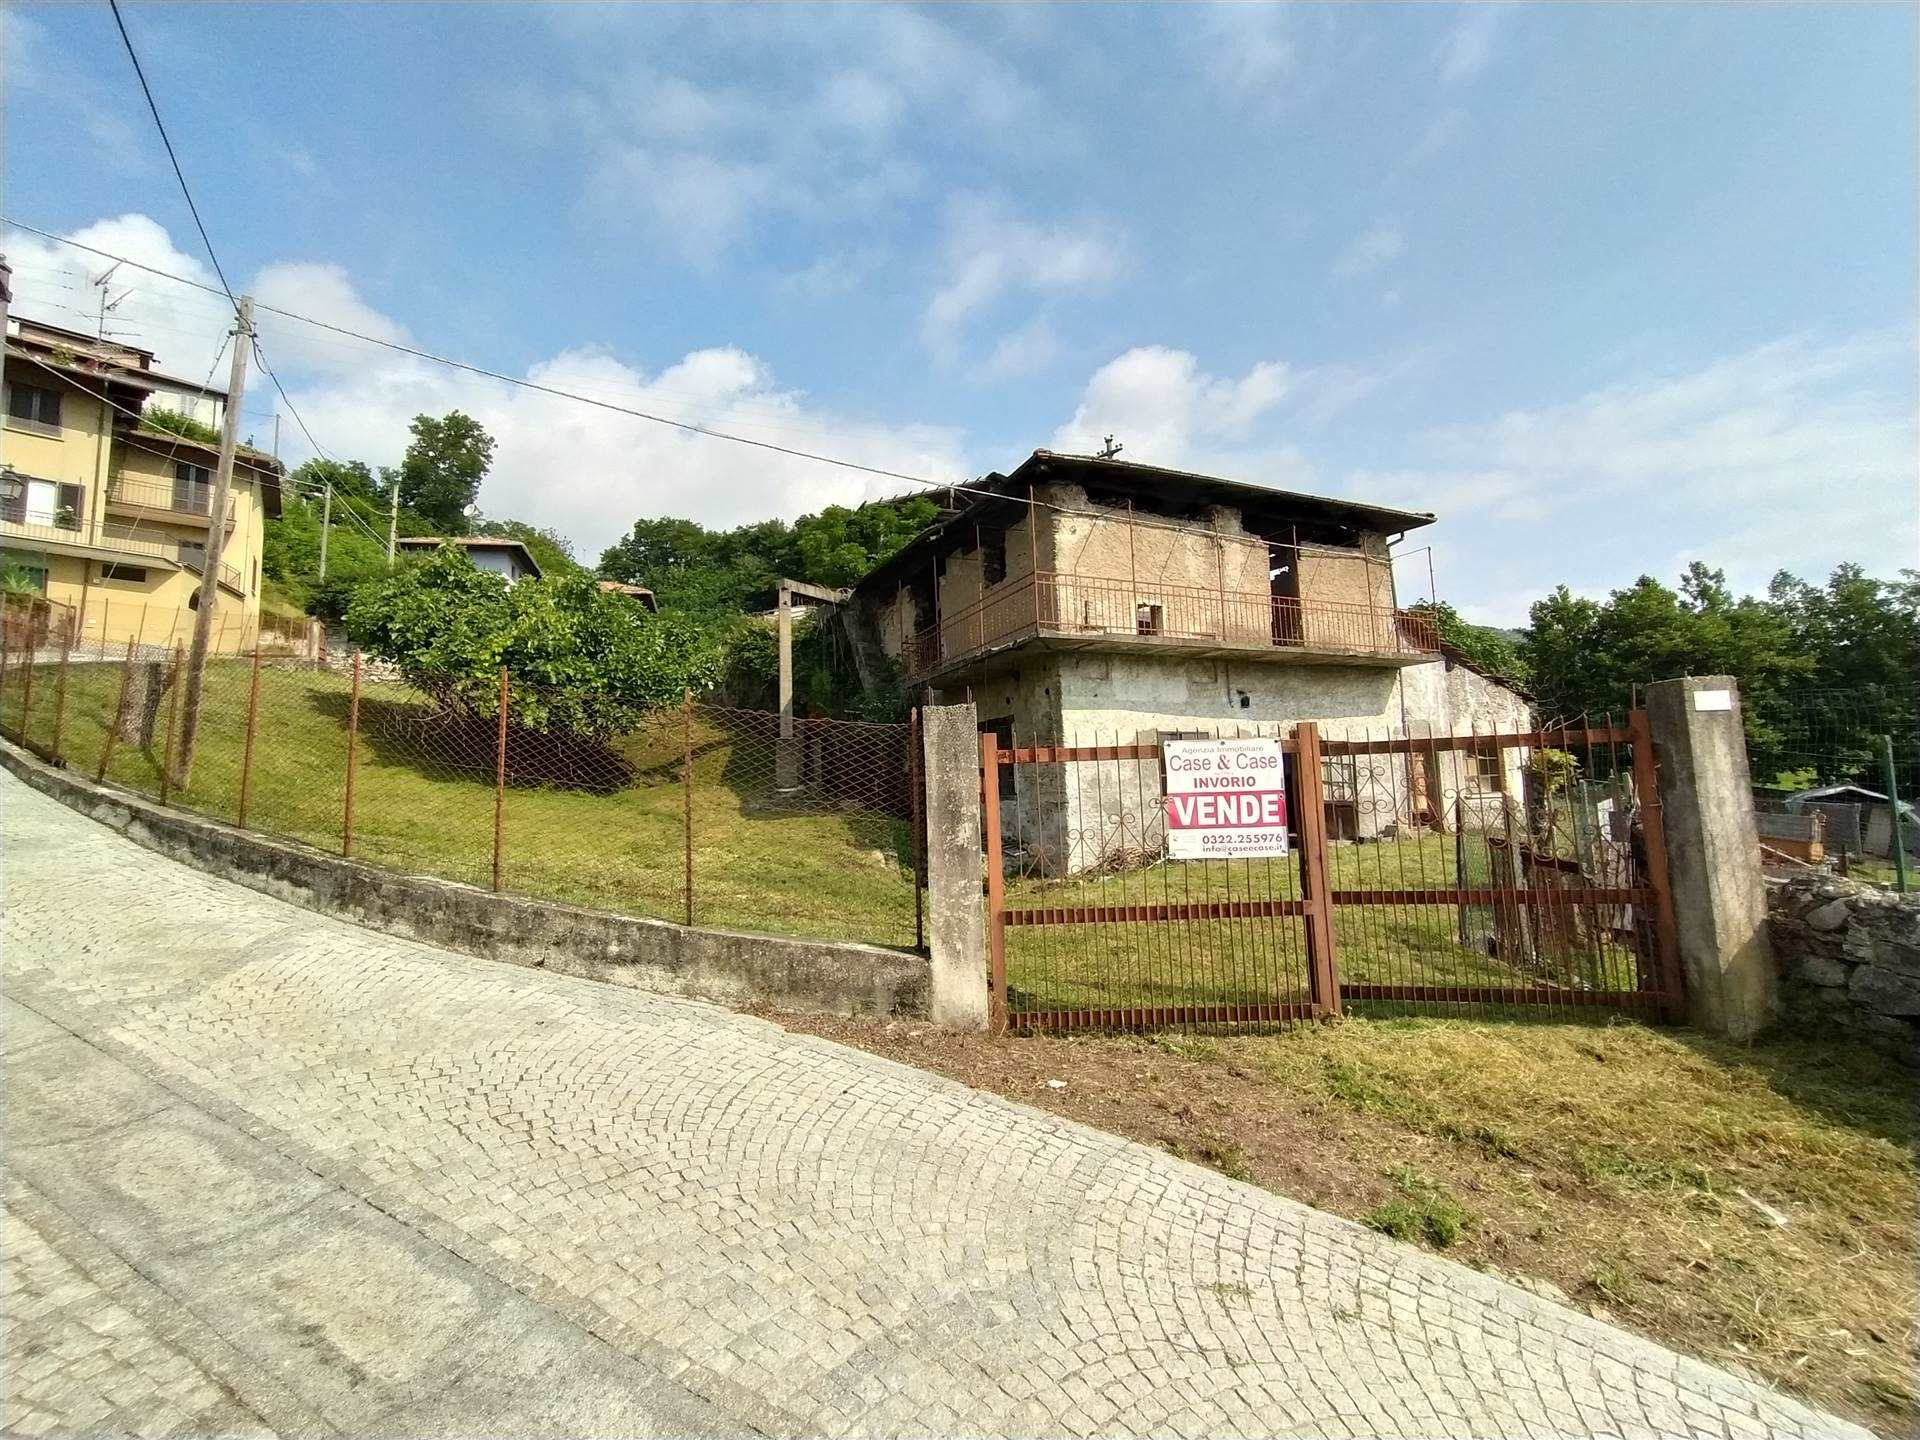 Rustico / Casale in vendita a Meina, 4 locali, zona Località: GHEVIO, prezzo € 90.000 | PortaleAgenzieImmobiliari.it